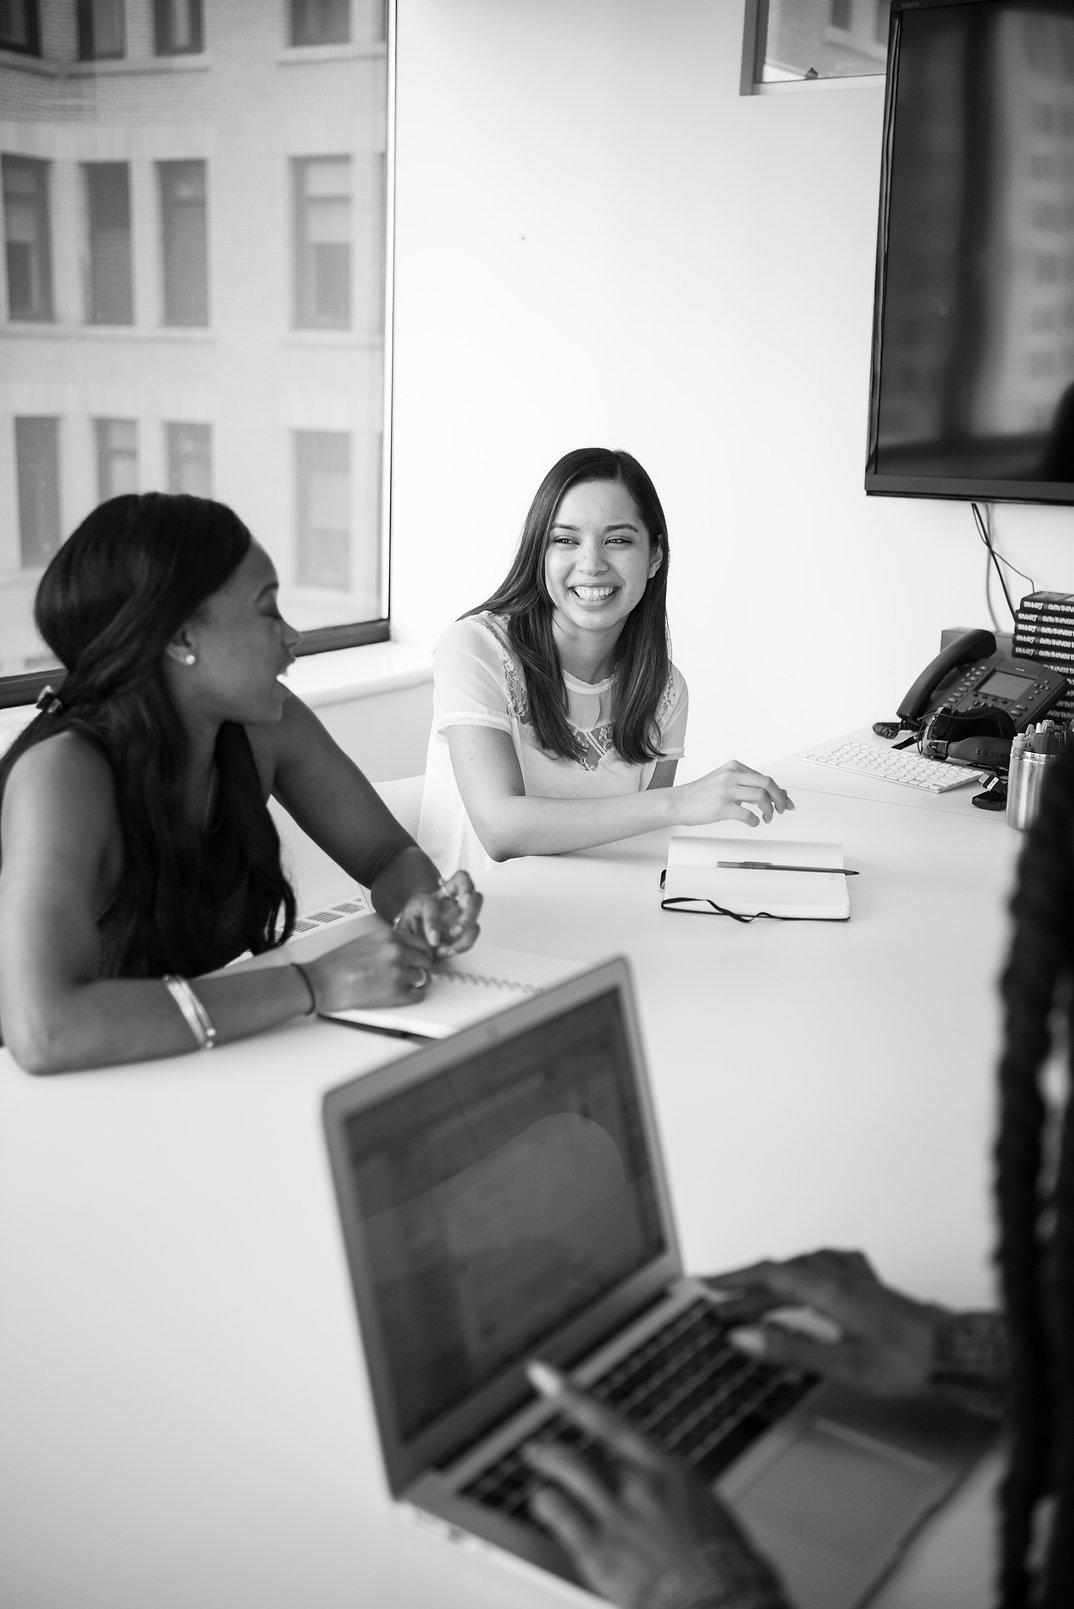 two-women-behind-table-1181634.jpg